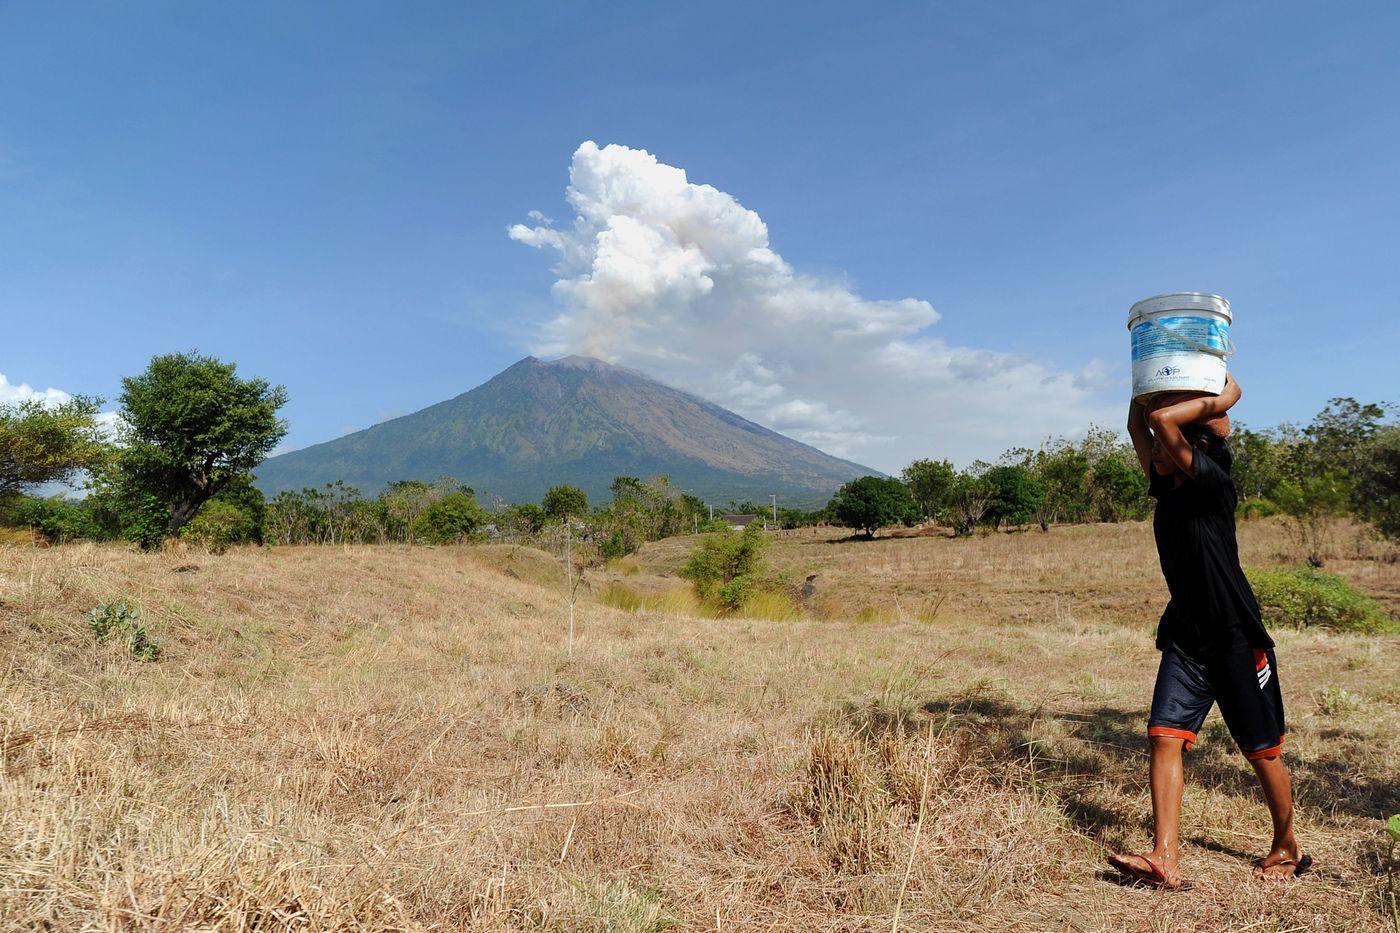 Aeroporto Bali : Eruzione del vulcano agung in indonesia riaperto l aeroporto di